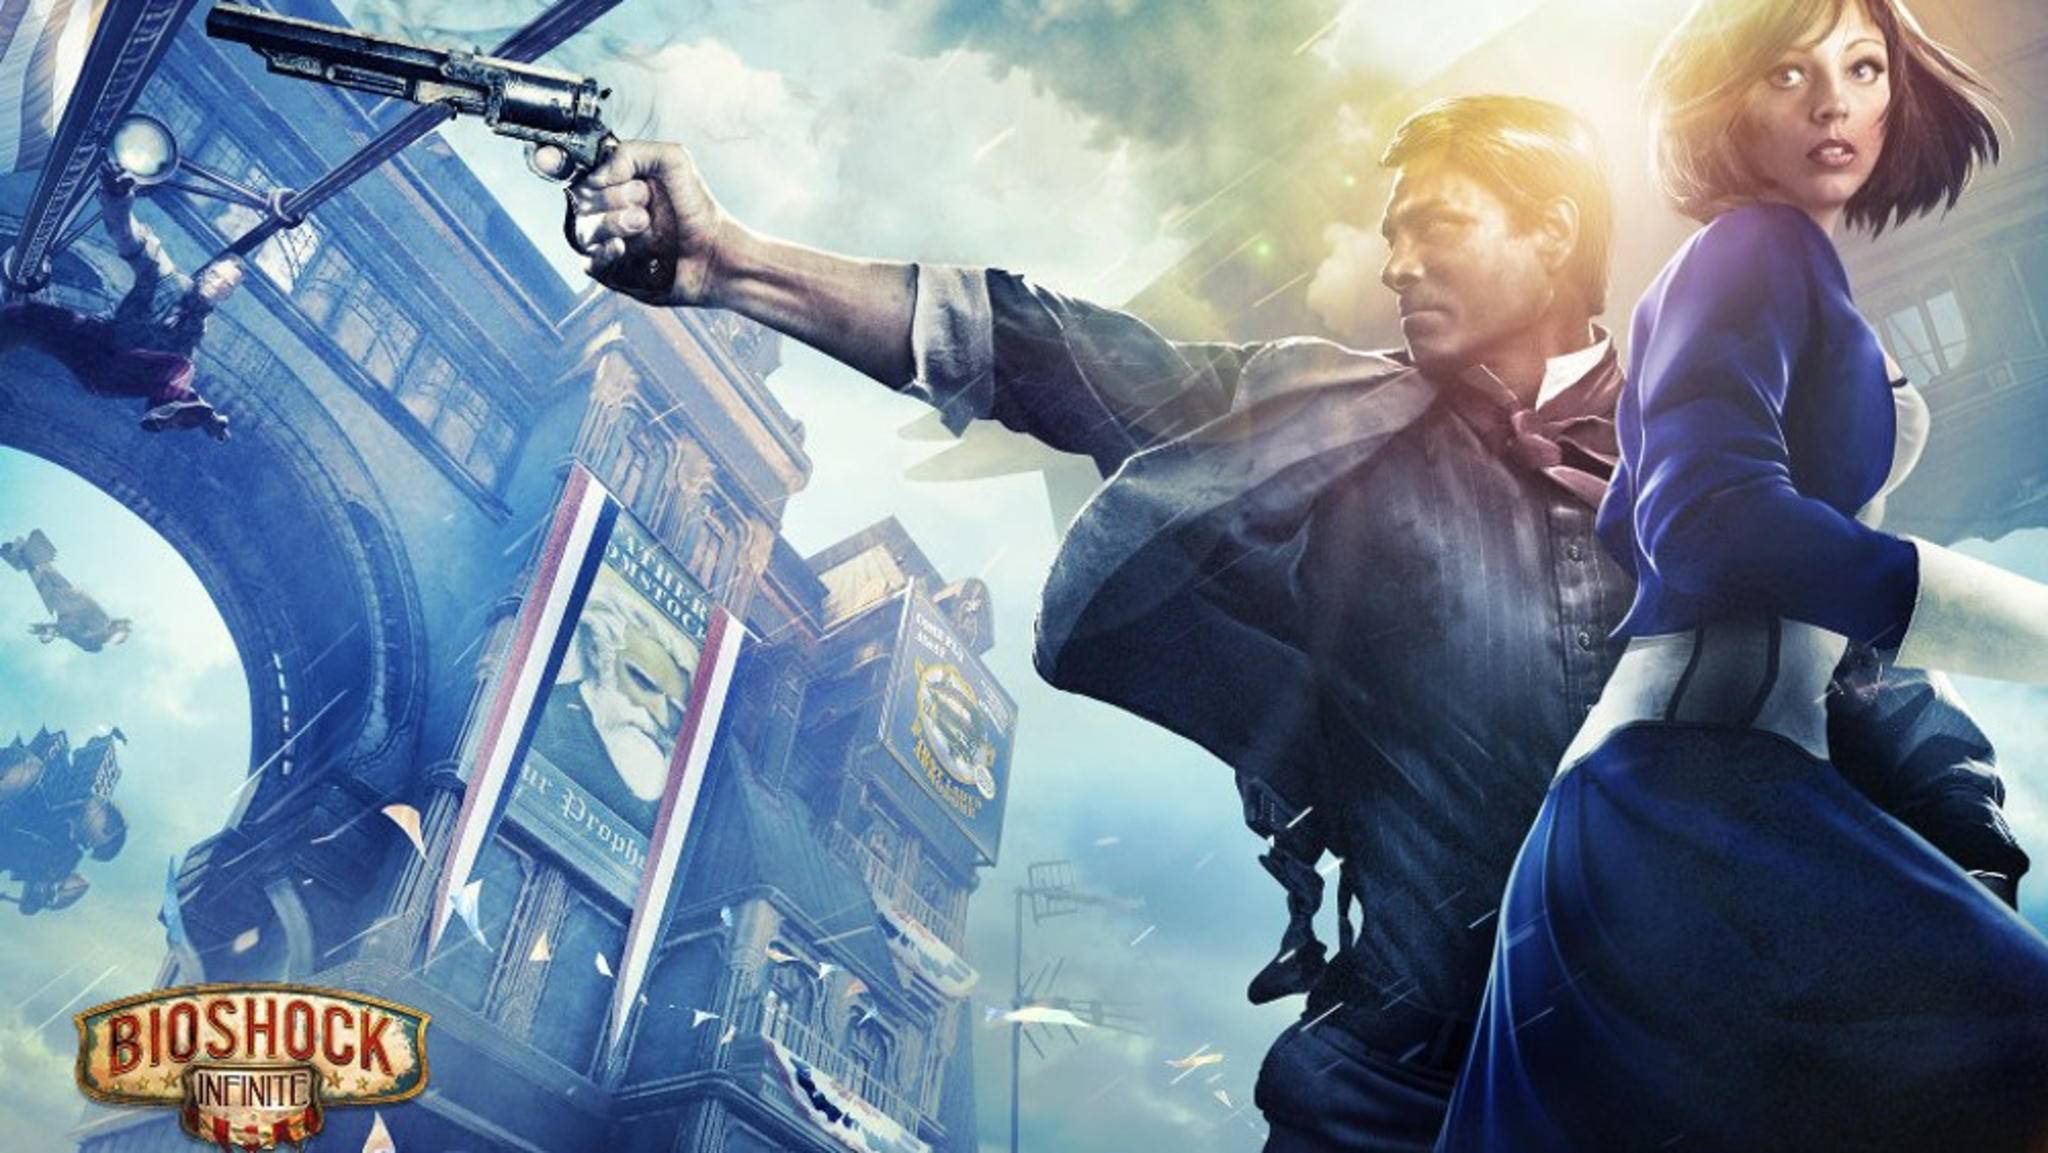 """Bis zum Release von """"BioShock 4"""" dauert es wohl noch ein paar Jahre (Bild: """"BioShock Infinite"""")."""